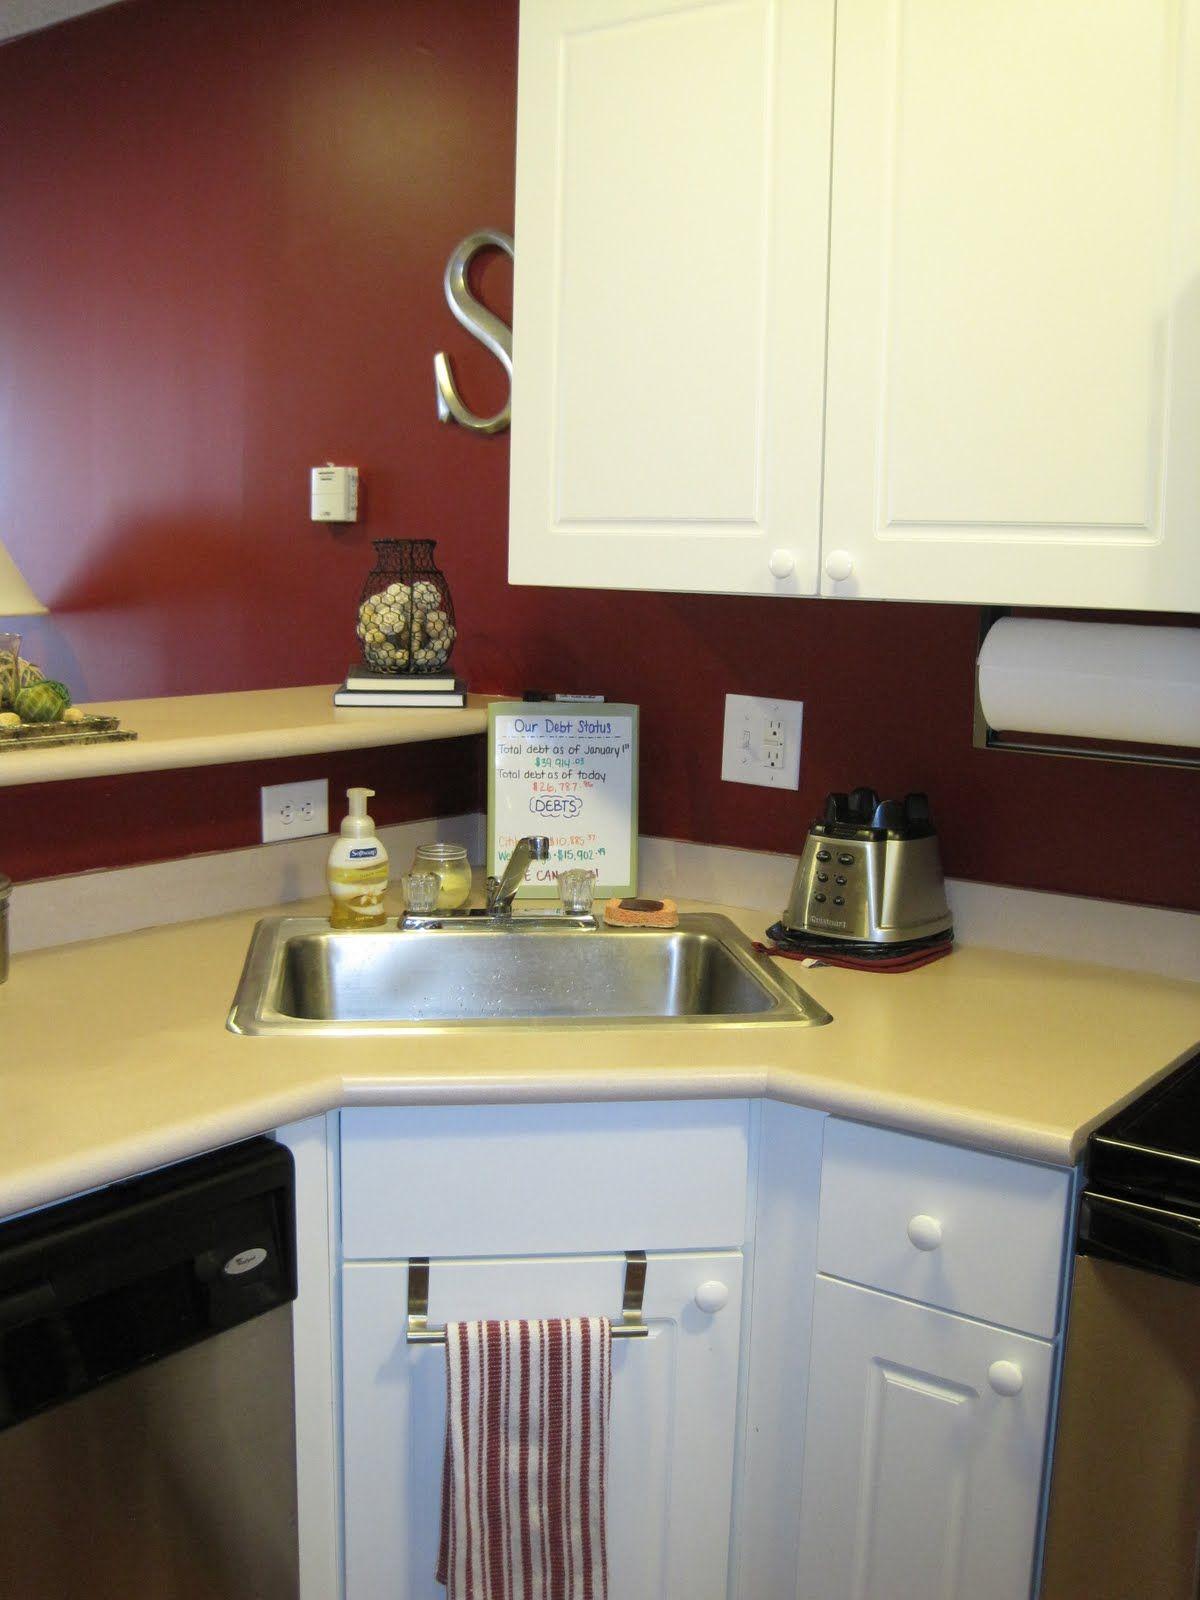 small kitchen sinks MODERN SMALL CORNER KITCHEN SINK DESIGN Interior Images